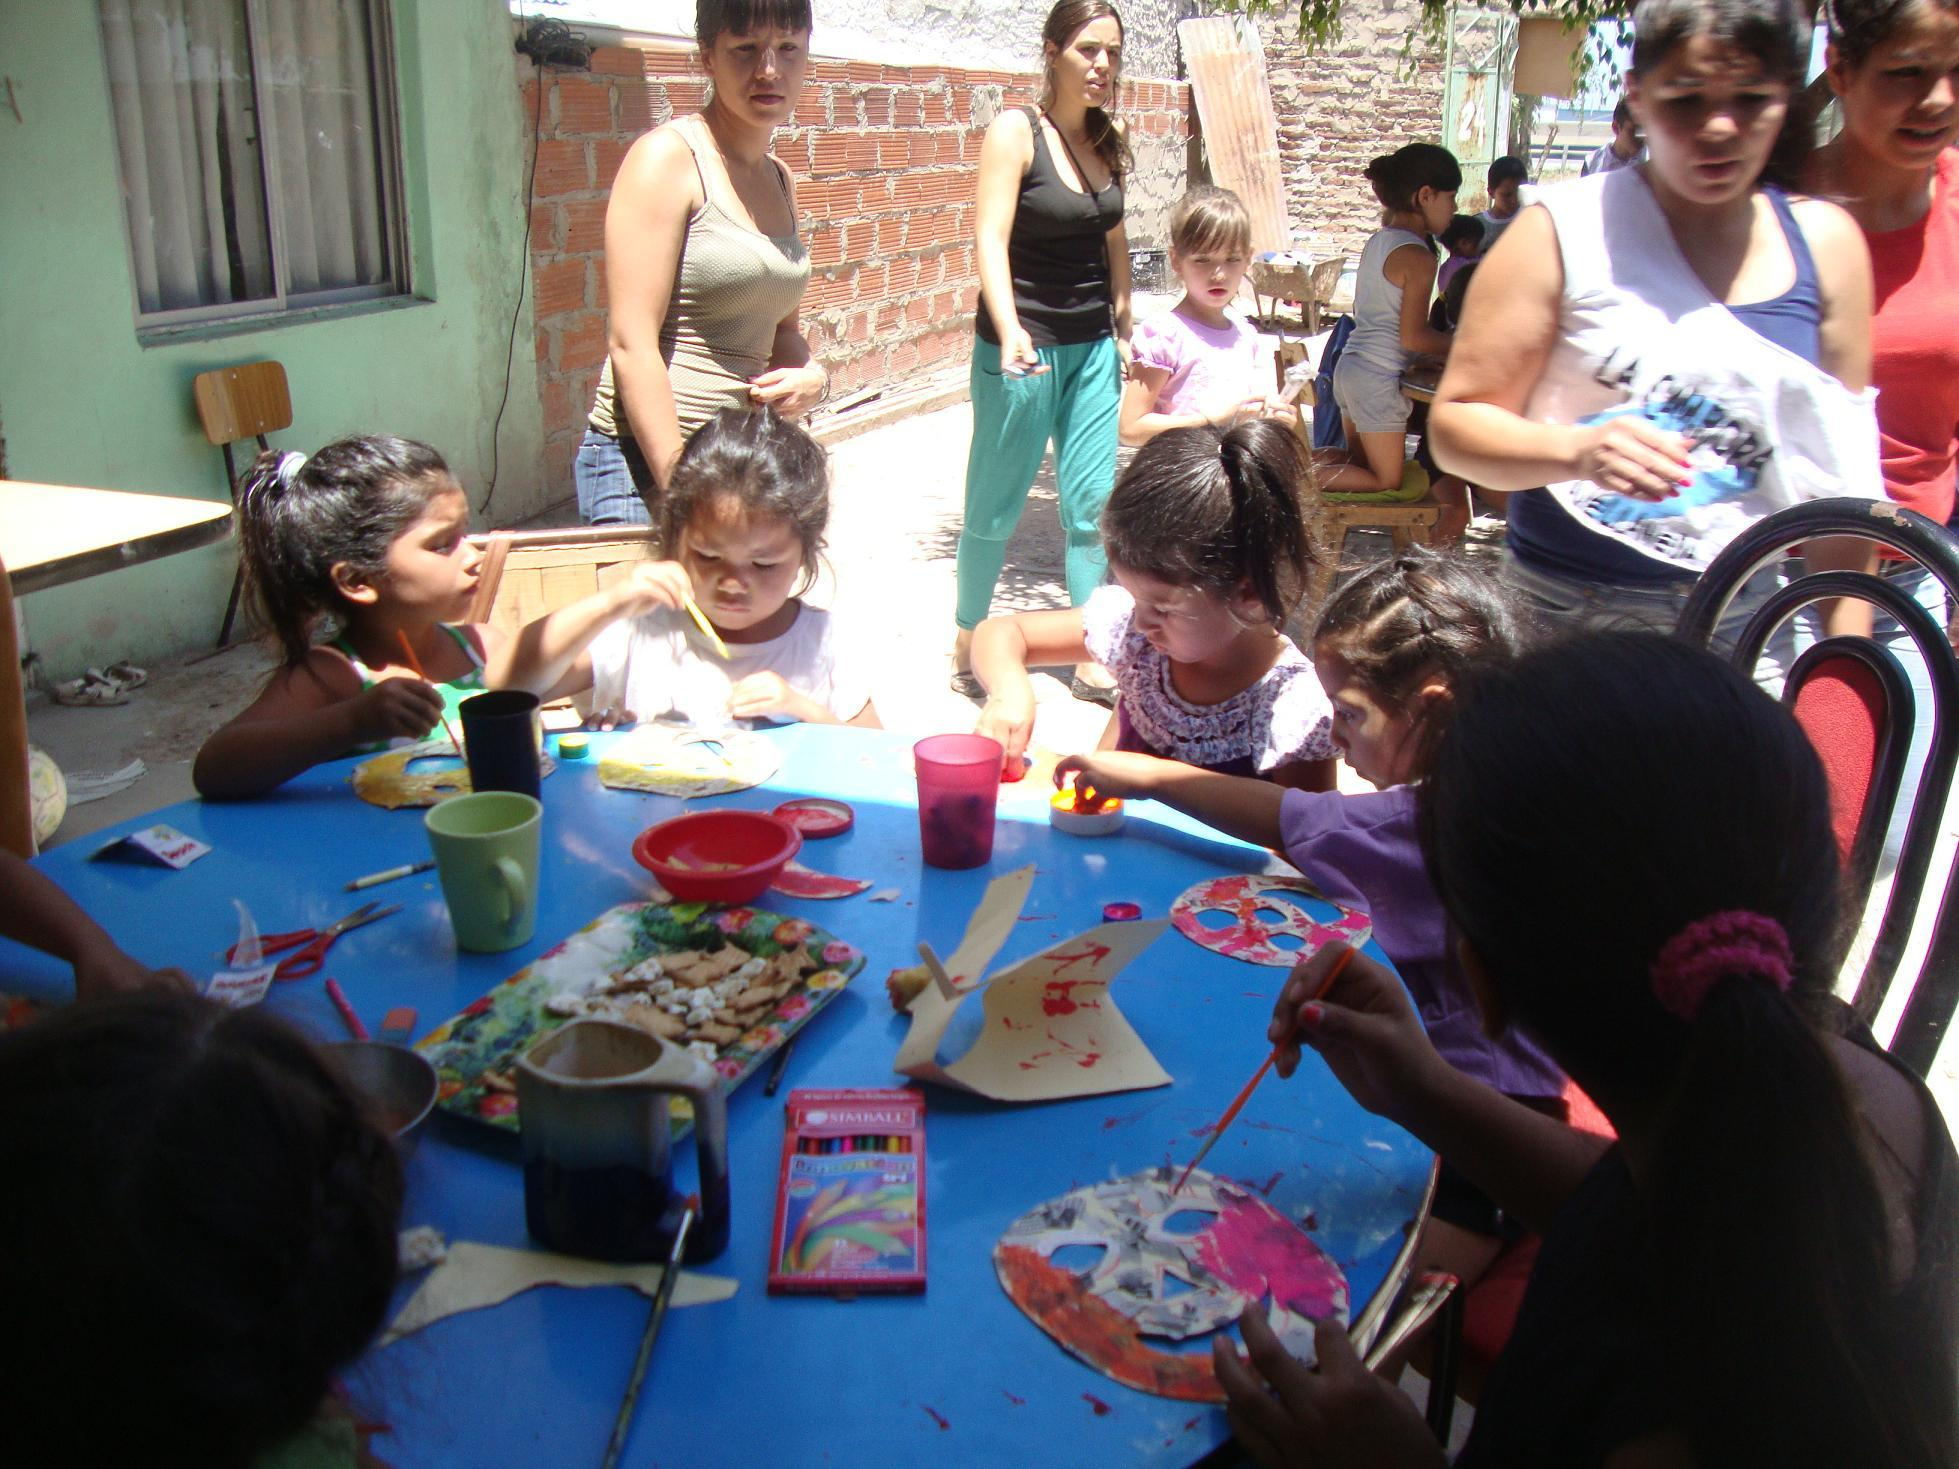 actividad-recreativa-en-el-barrio-santa-catalina-10